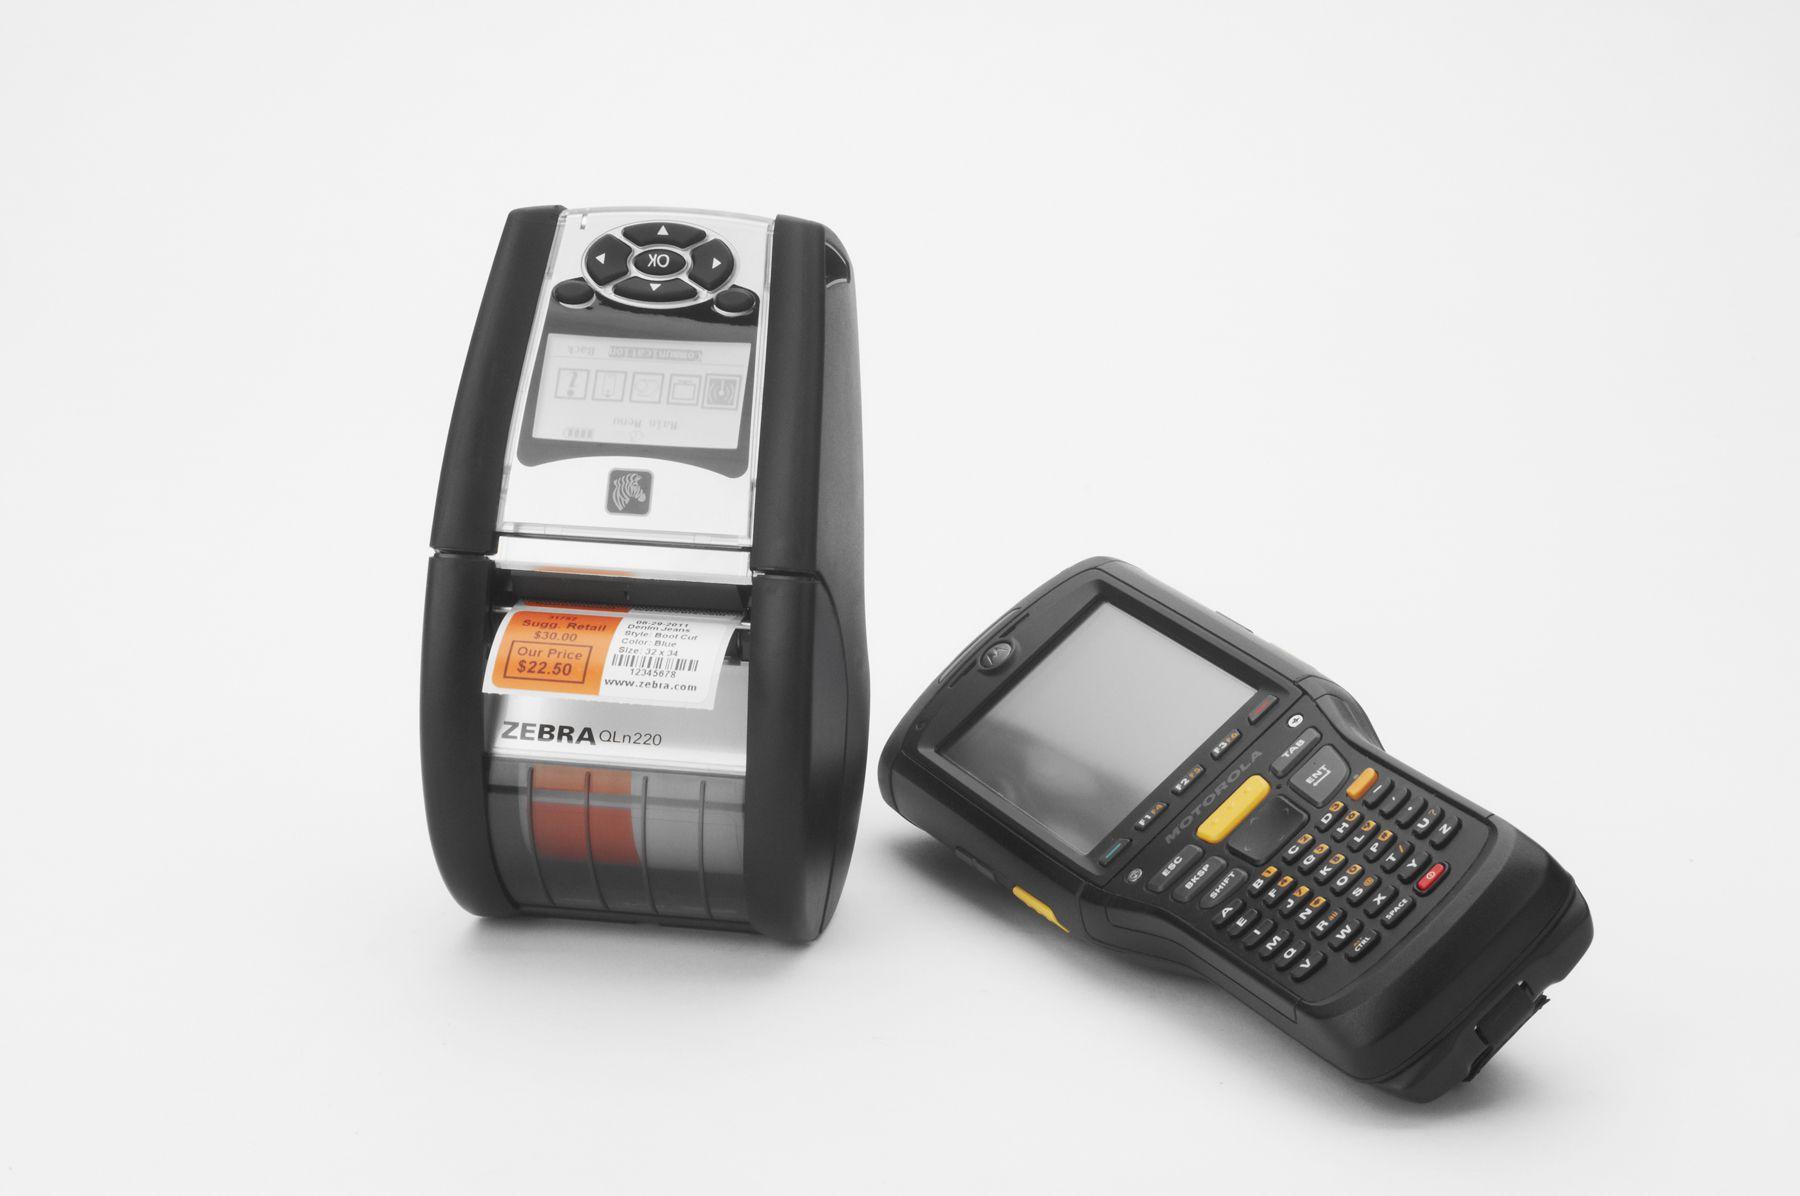 imprimante mobile zebra qln220 qln320